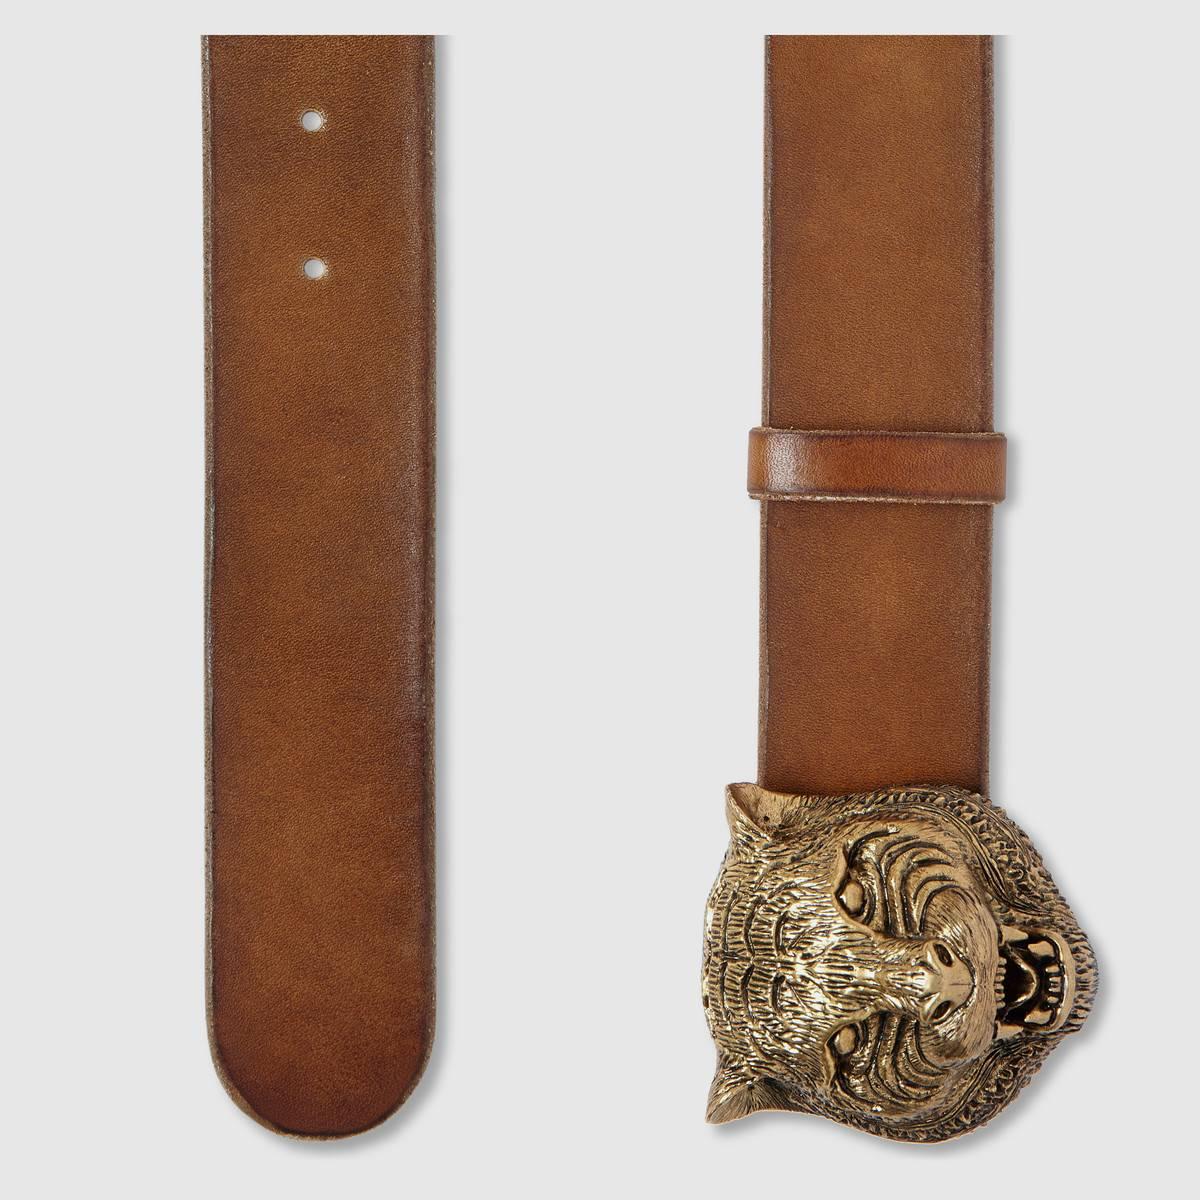 Thắt lưng Gucci chính hãng được làm từ da bò và da đà điểu cao cấ